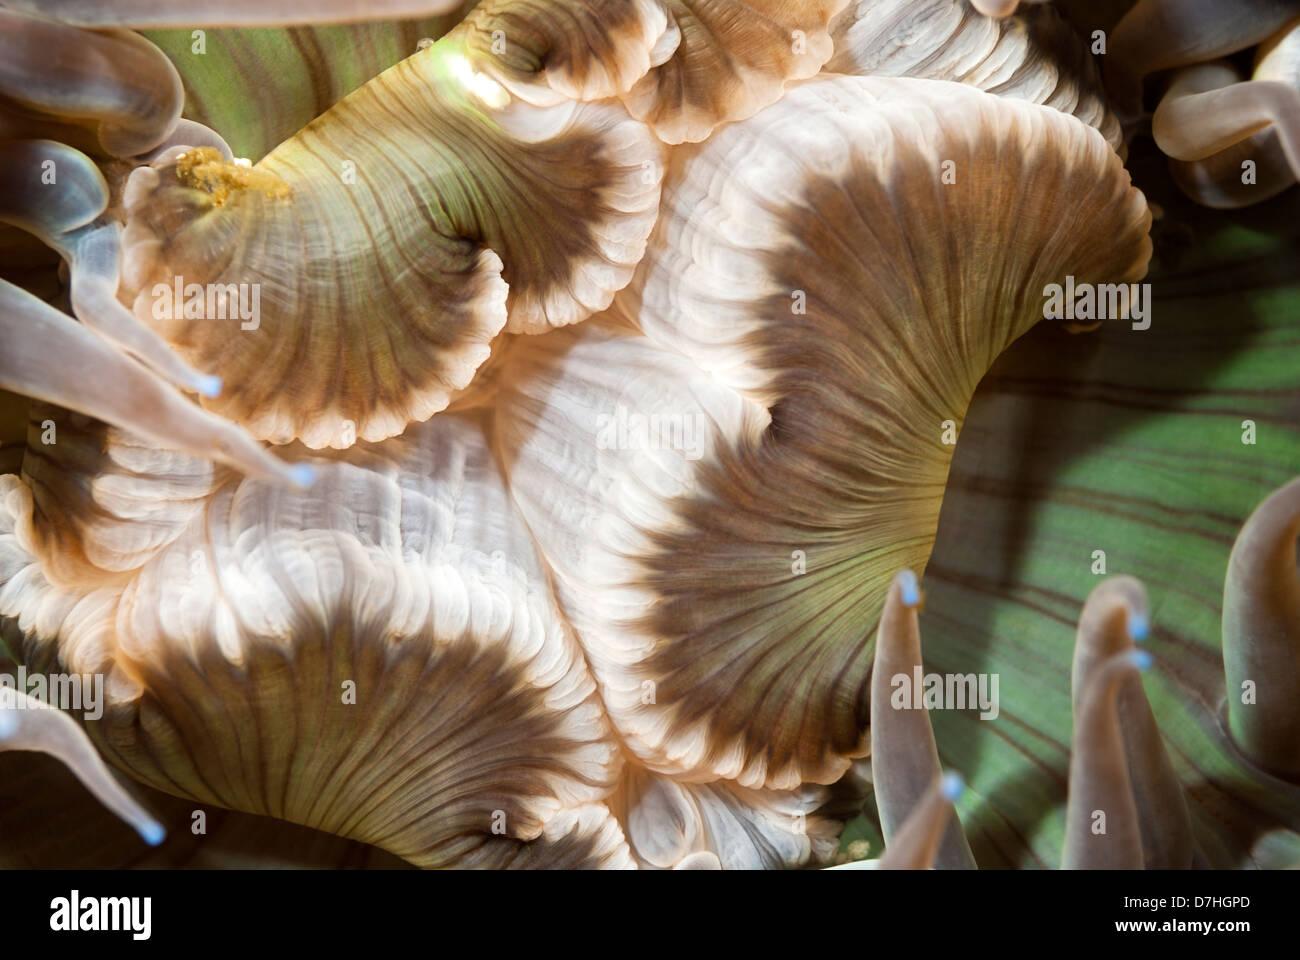 Ein Close Up von einer Seeanemone Mund zeigt die komplizierte Details eines Ozeans Wirbellosen. Stockbild